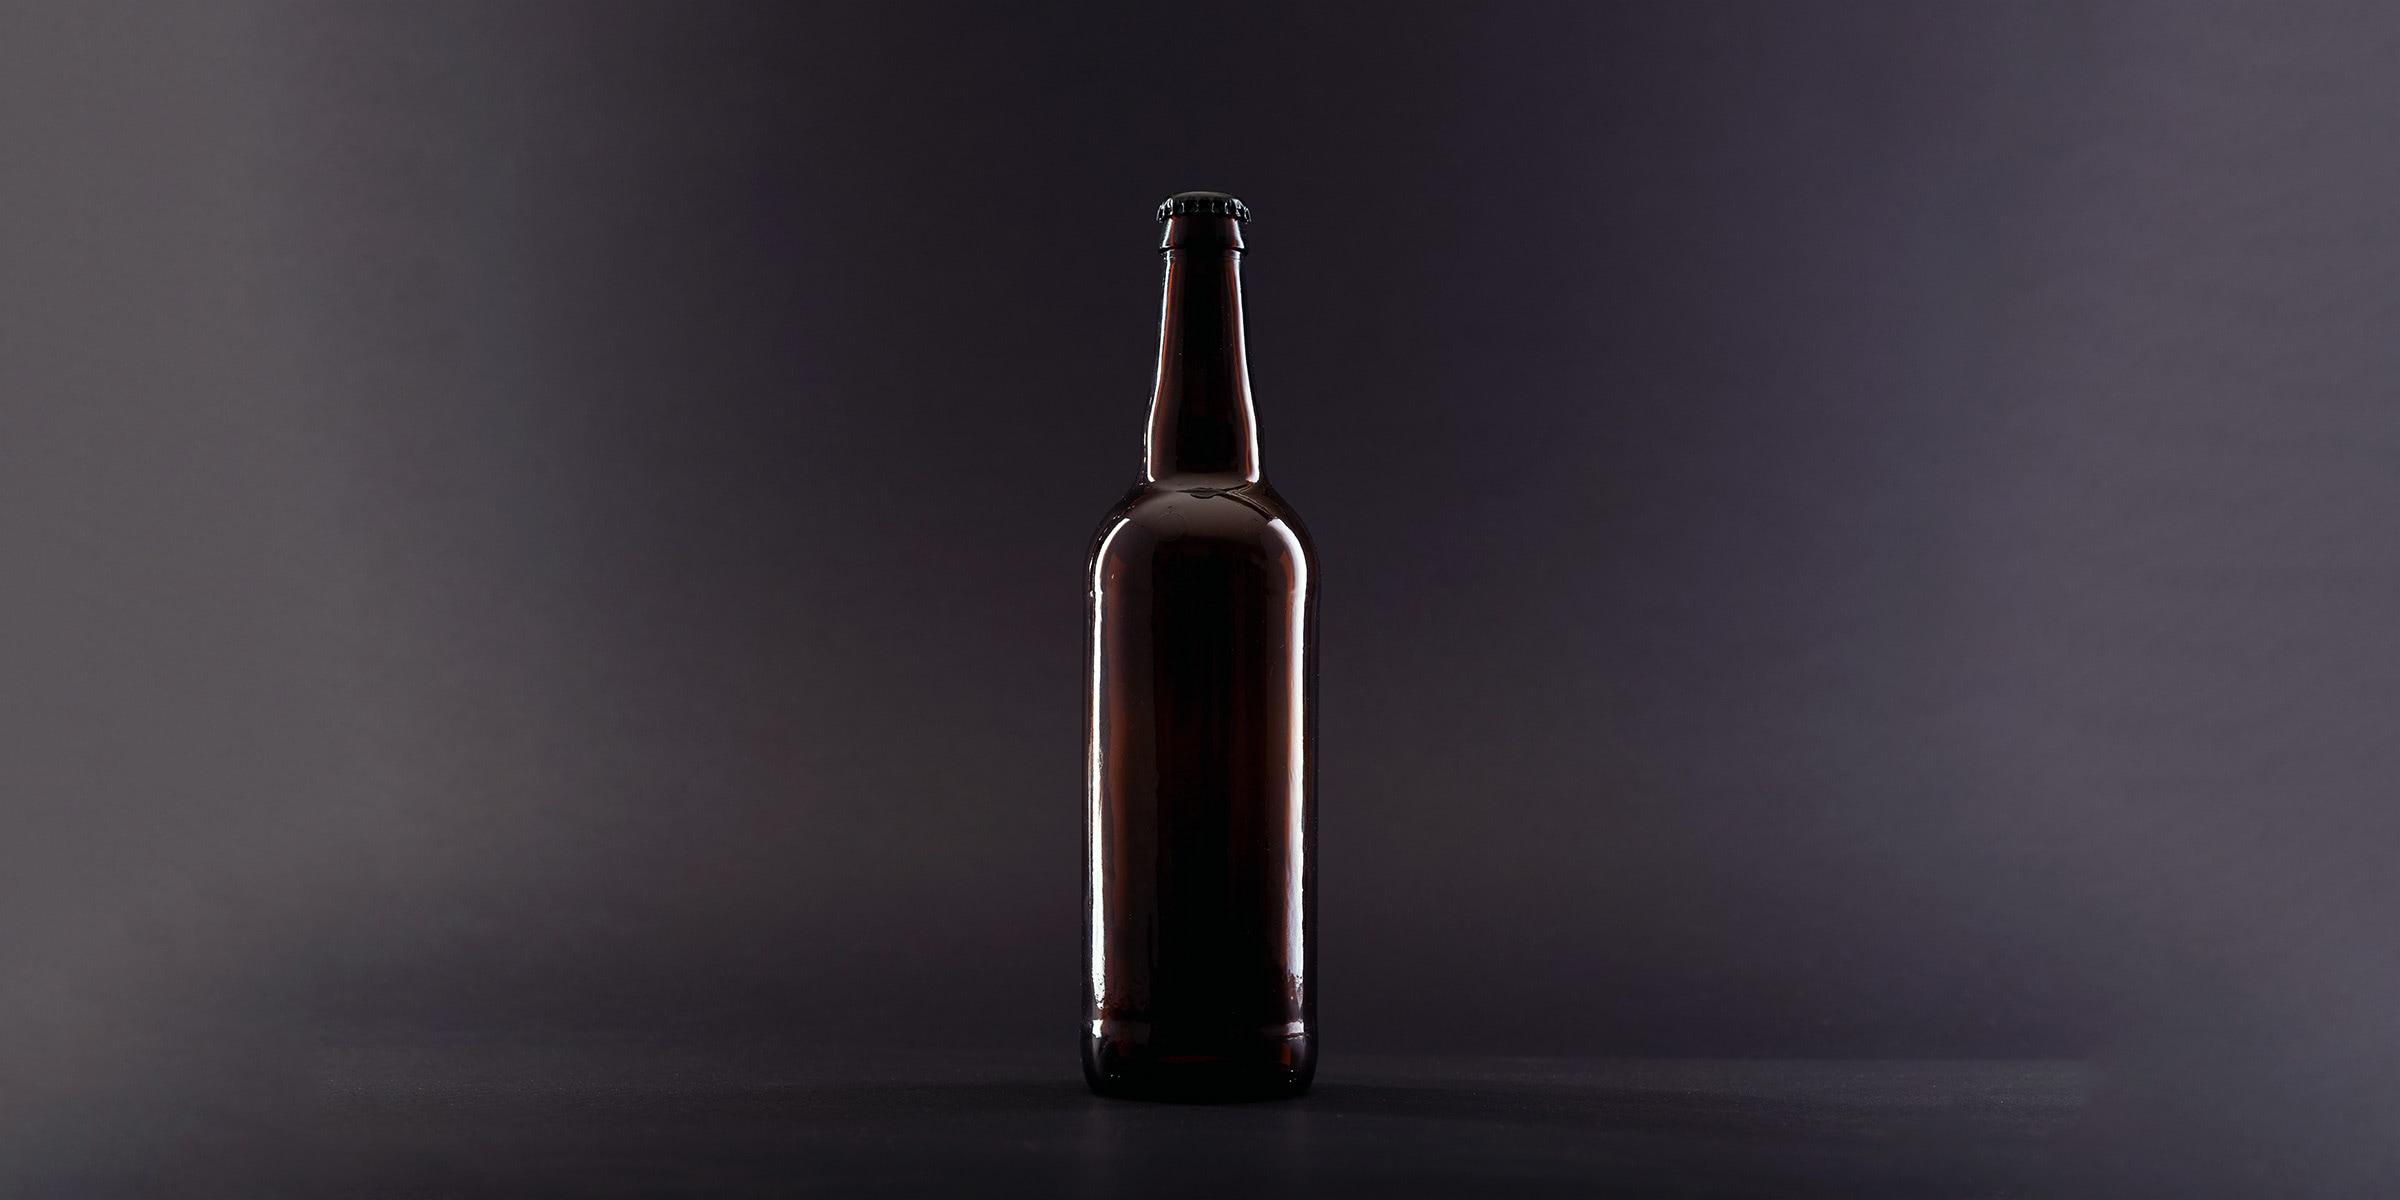 best beer brands - Luxe Digital